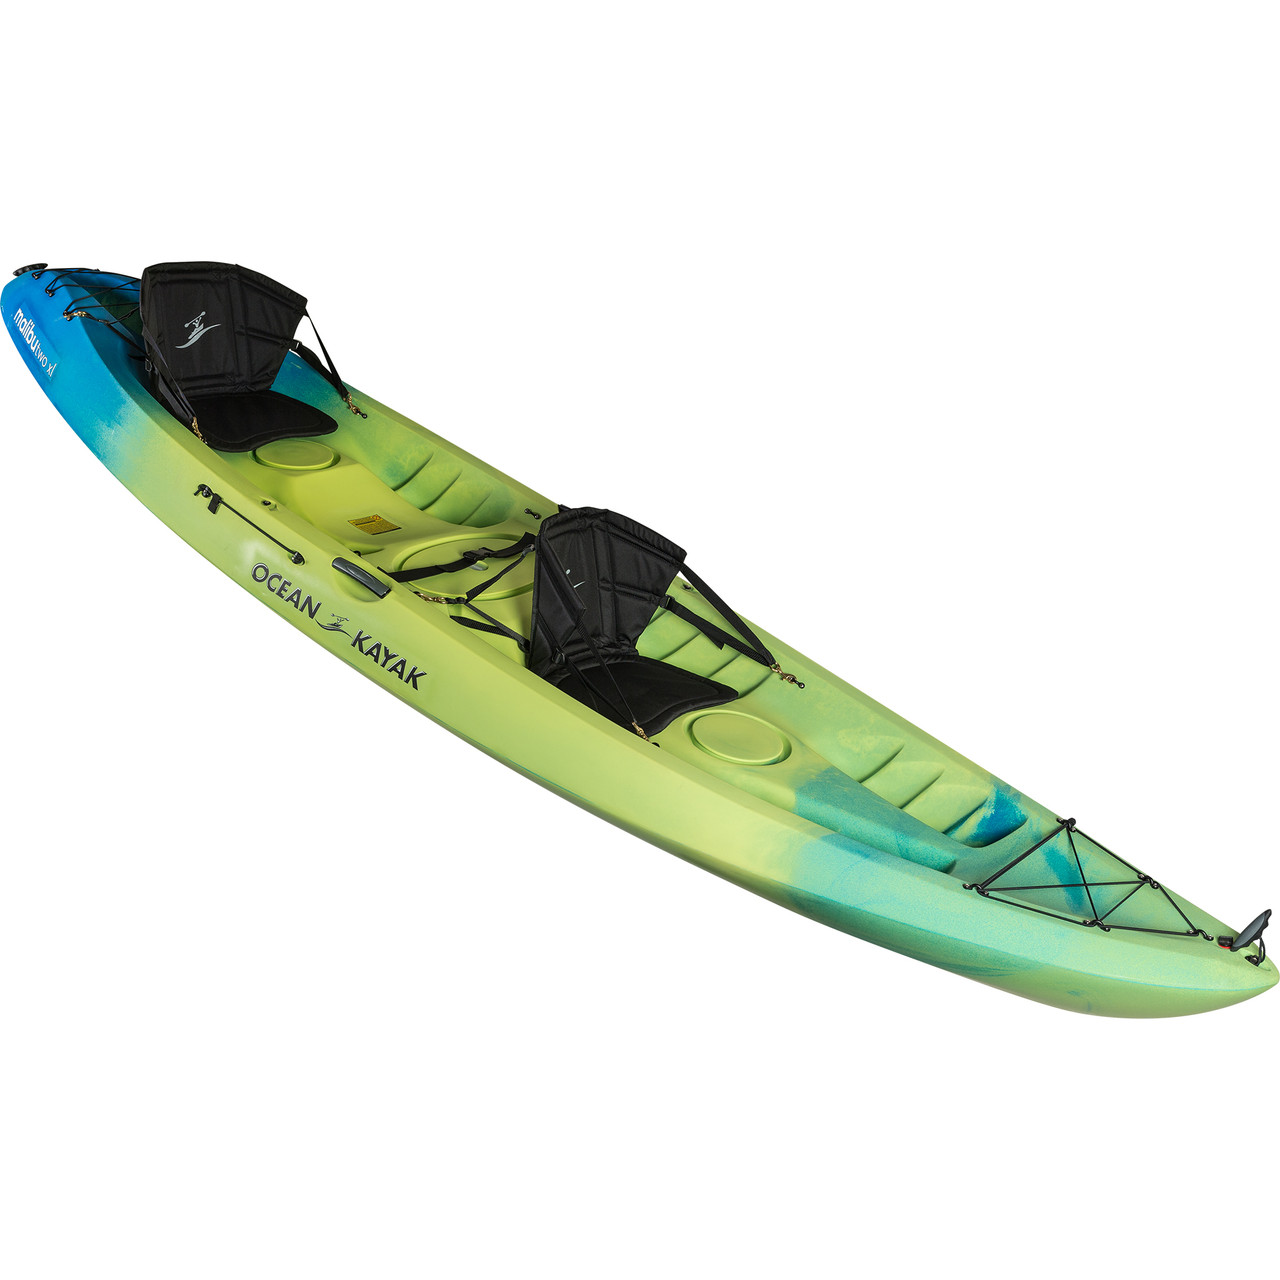 Ocean Kayak Malibu Two XL Ahi